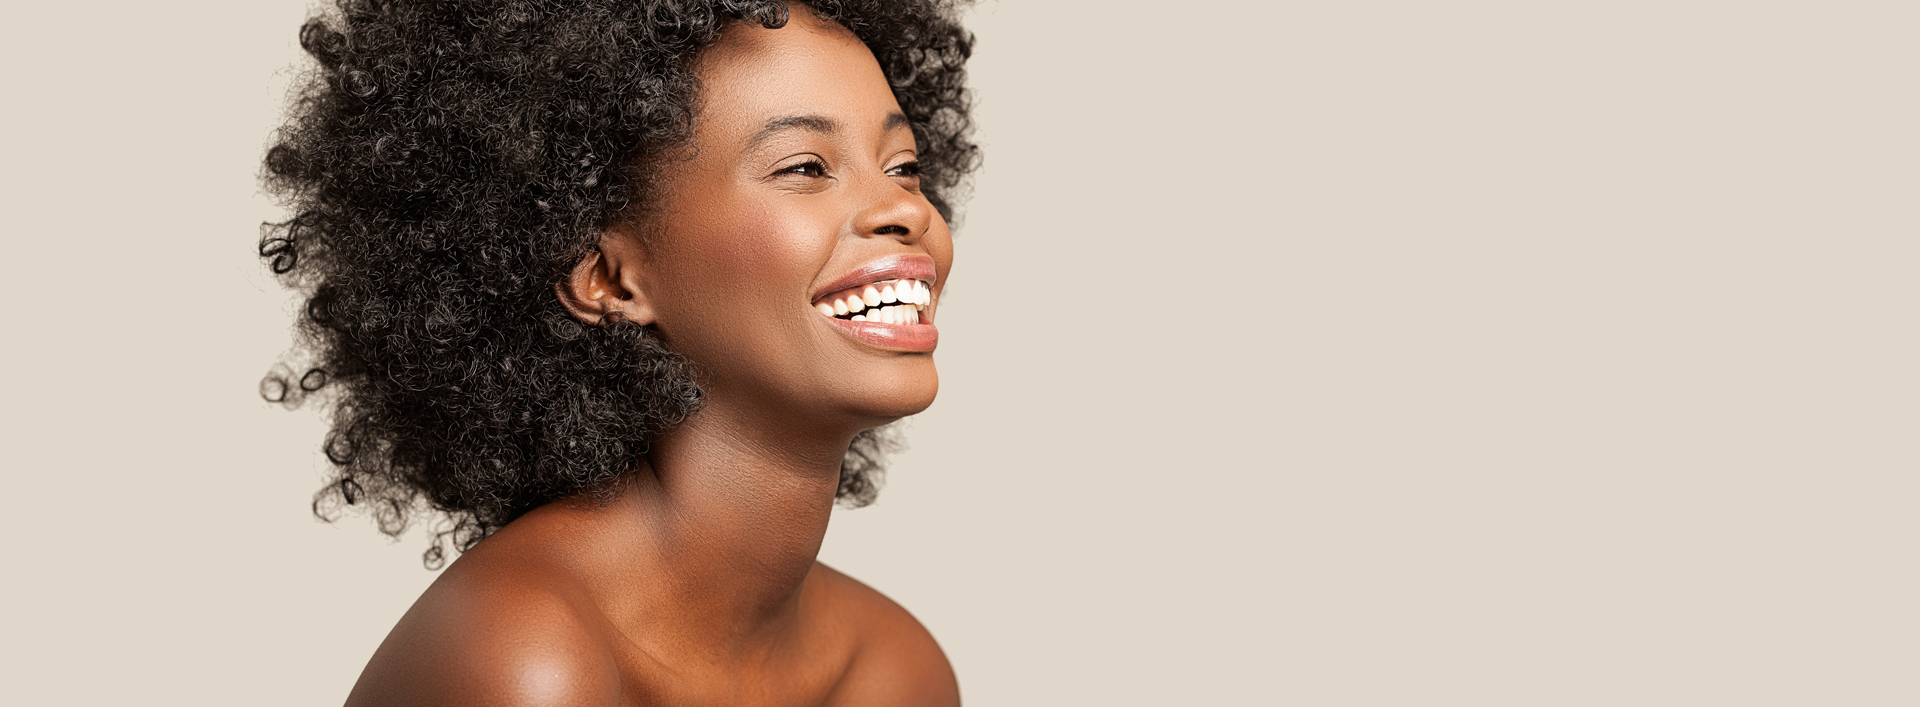 Salon Meyerland Beauty Salon In Houston Local Beauty Salon Black Beauty Salon In Houston Black Owned Beauty Salon In Houston African American Beauty Salon In Houston Black Beauty Shop Black Hair